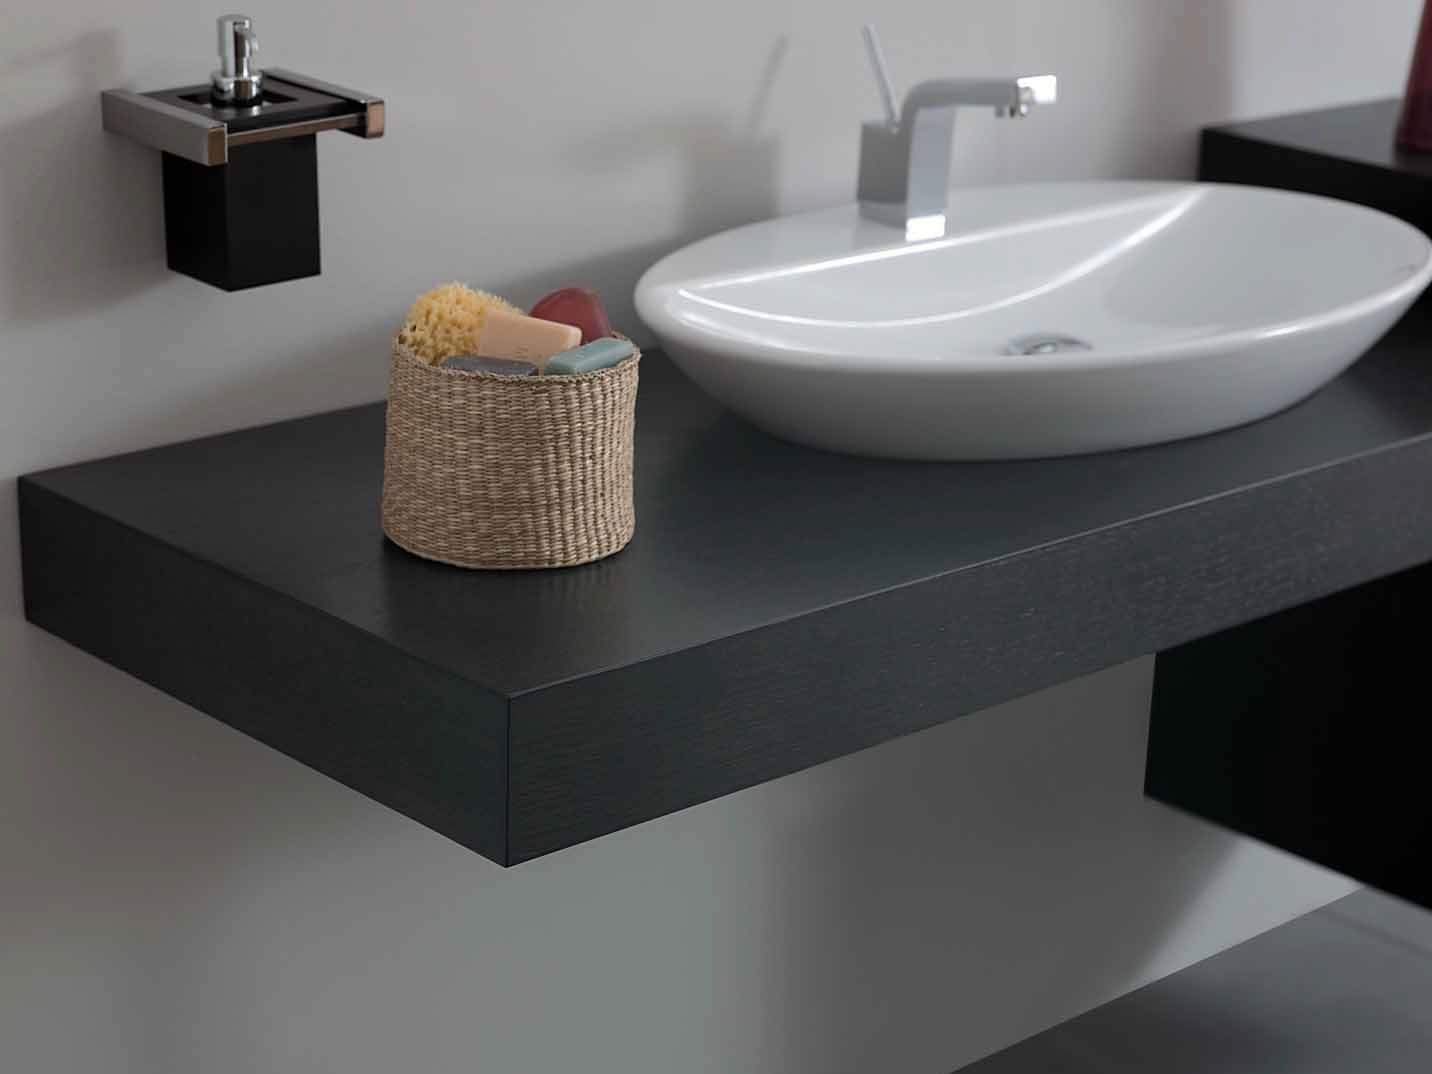 Imagens de #826749 Bancada de lavatório de madeira SYSTEM Bancada de lavatório de  1432x1074 px 3384 Bloco Cad Lavatório Banheiro